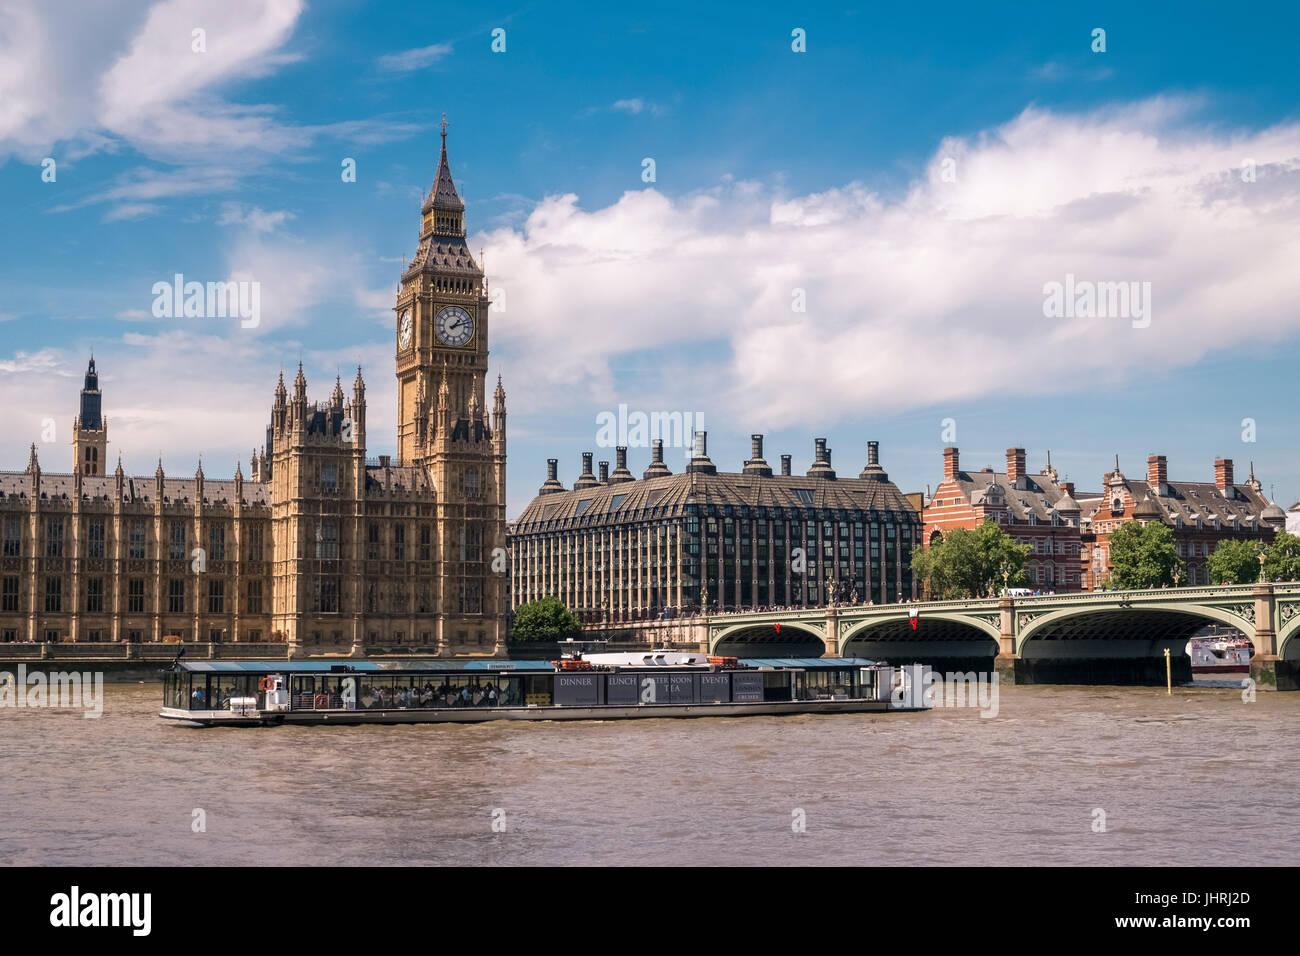 Touristen an Bord eines schwimmenden Fluss Restaurant auf der Themse außerhalb der Houses of Parliament, Westminster, Stockbild